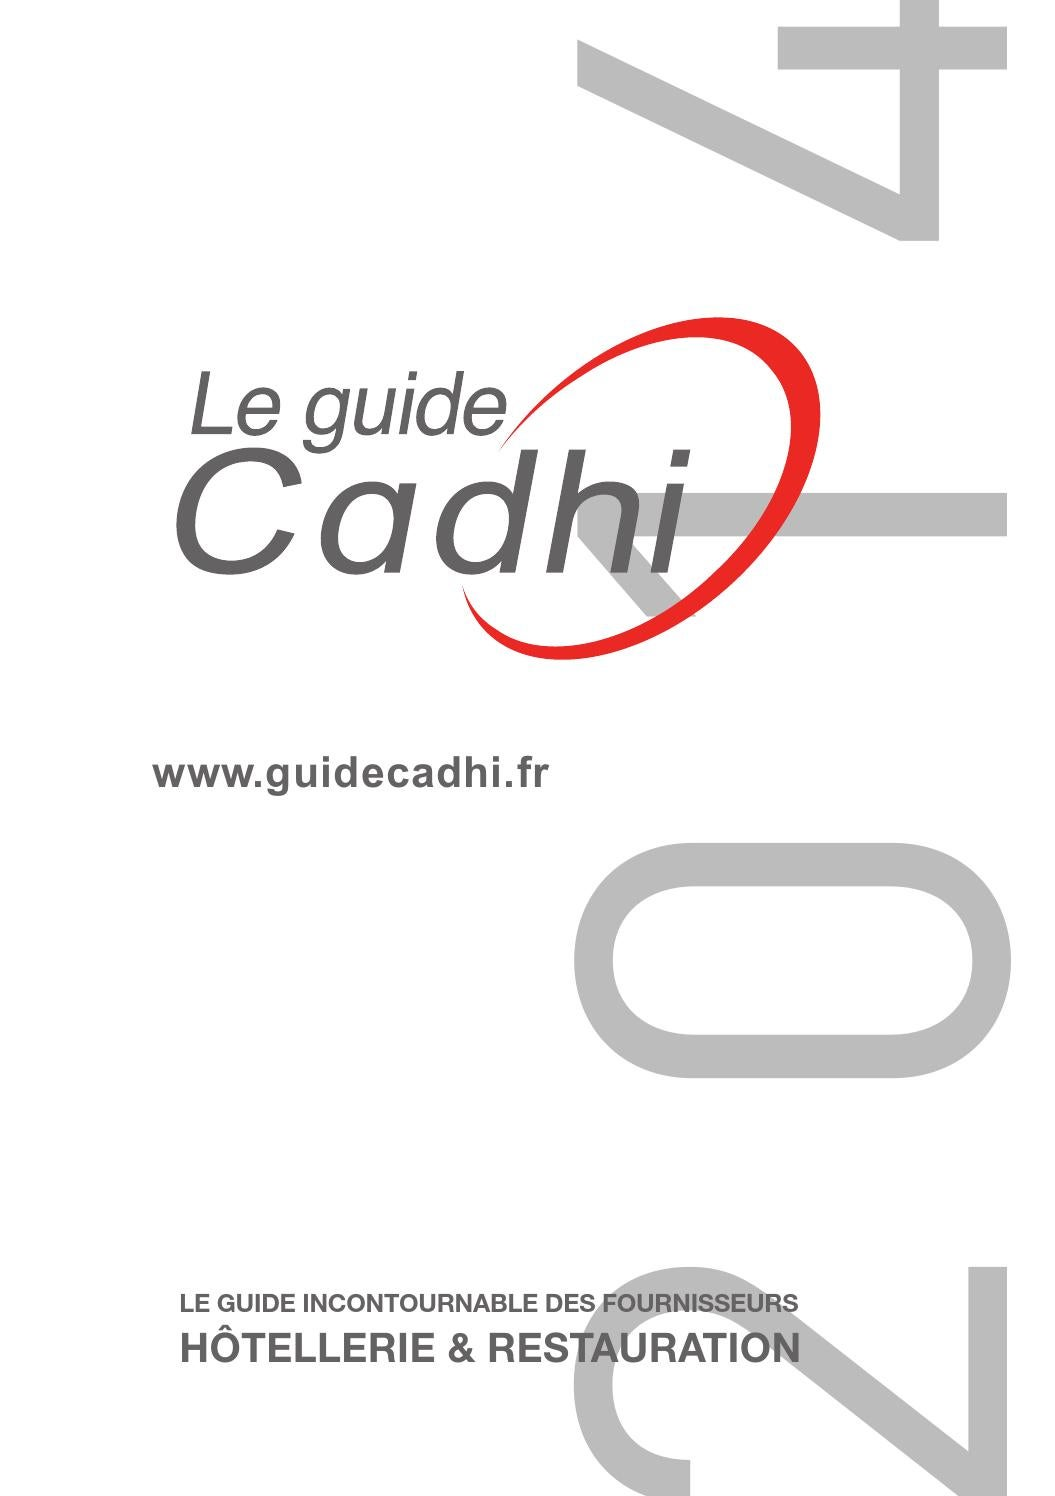 Ma Maison Ma Deco Arthon guide cadhi 2014 opthouze - issuu